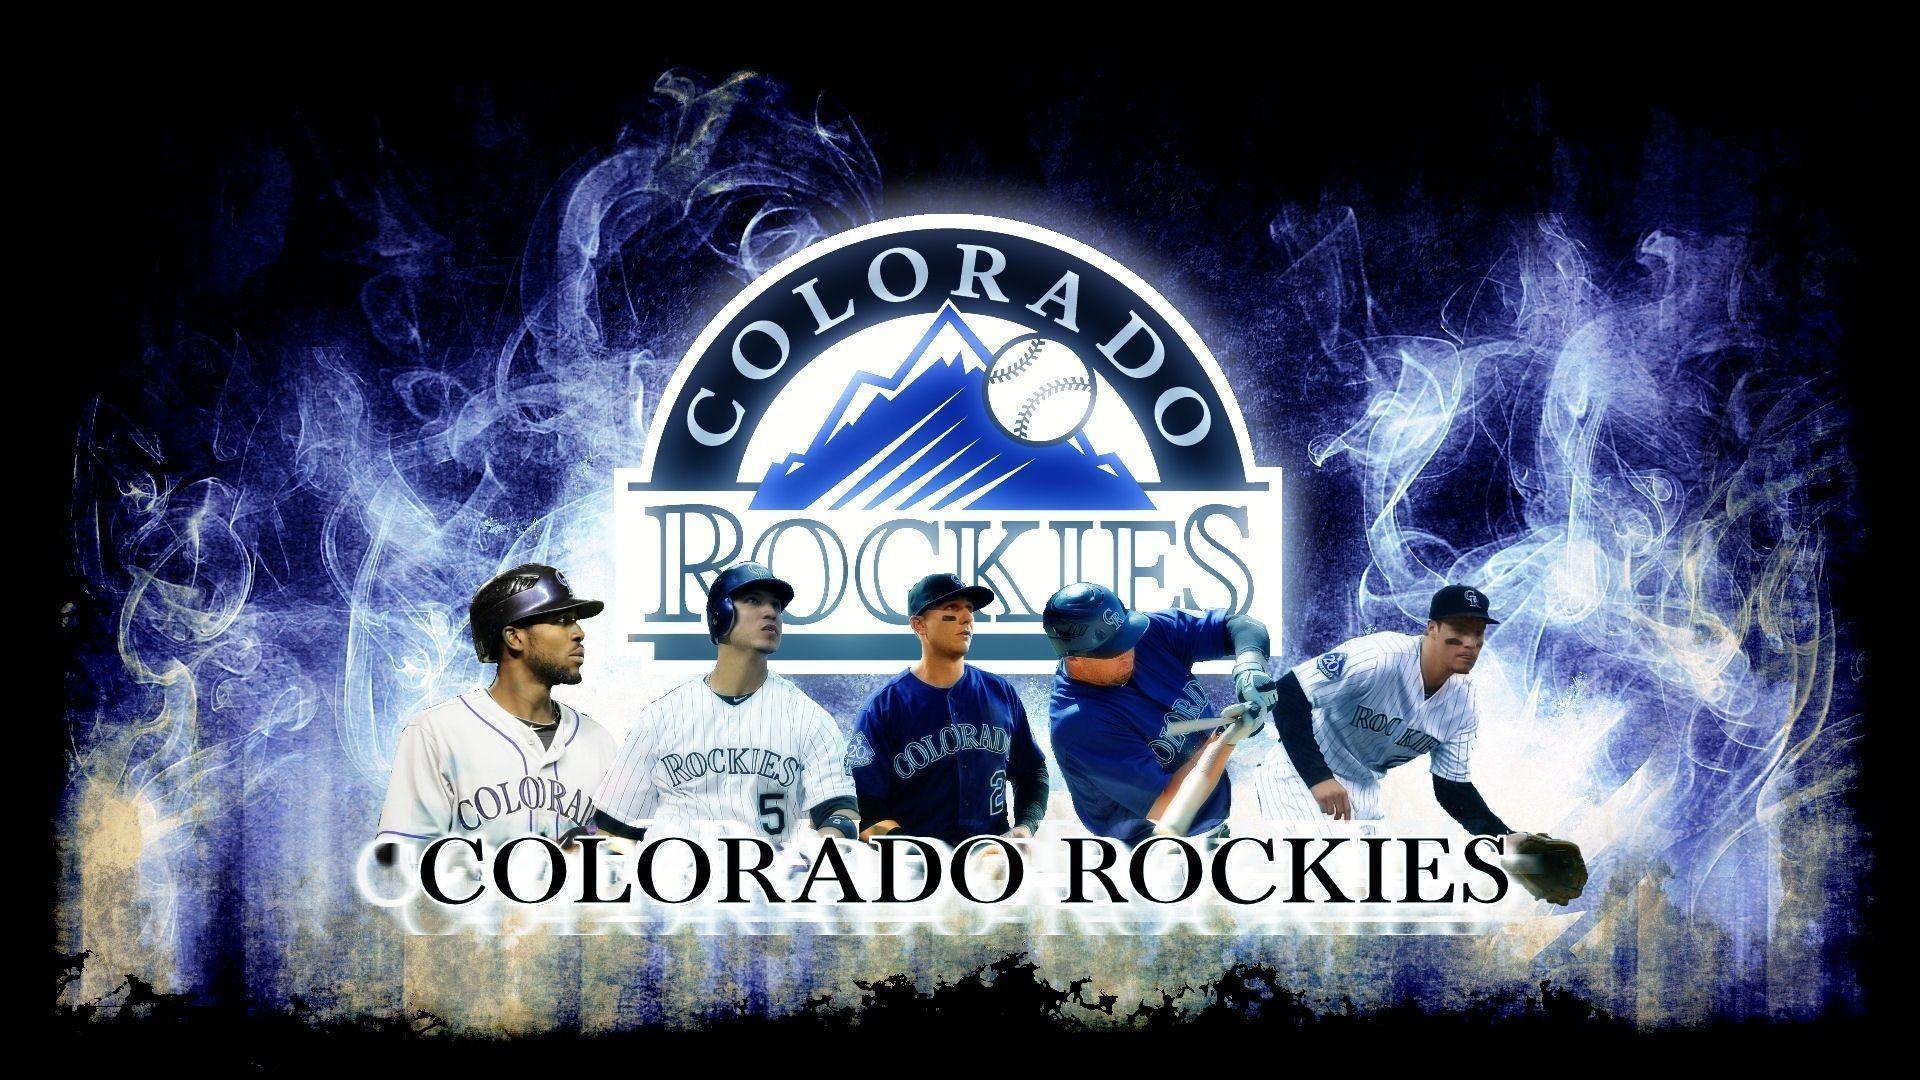 Colorado Rockies Wallpapers Hd